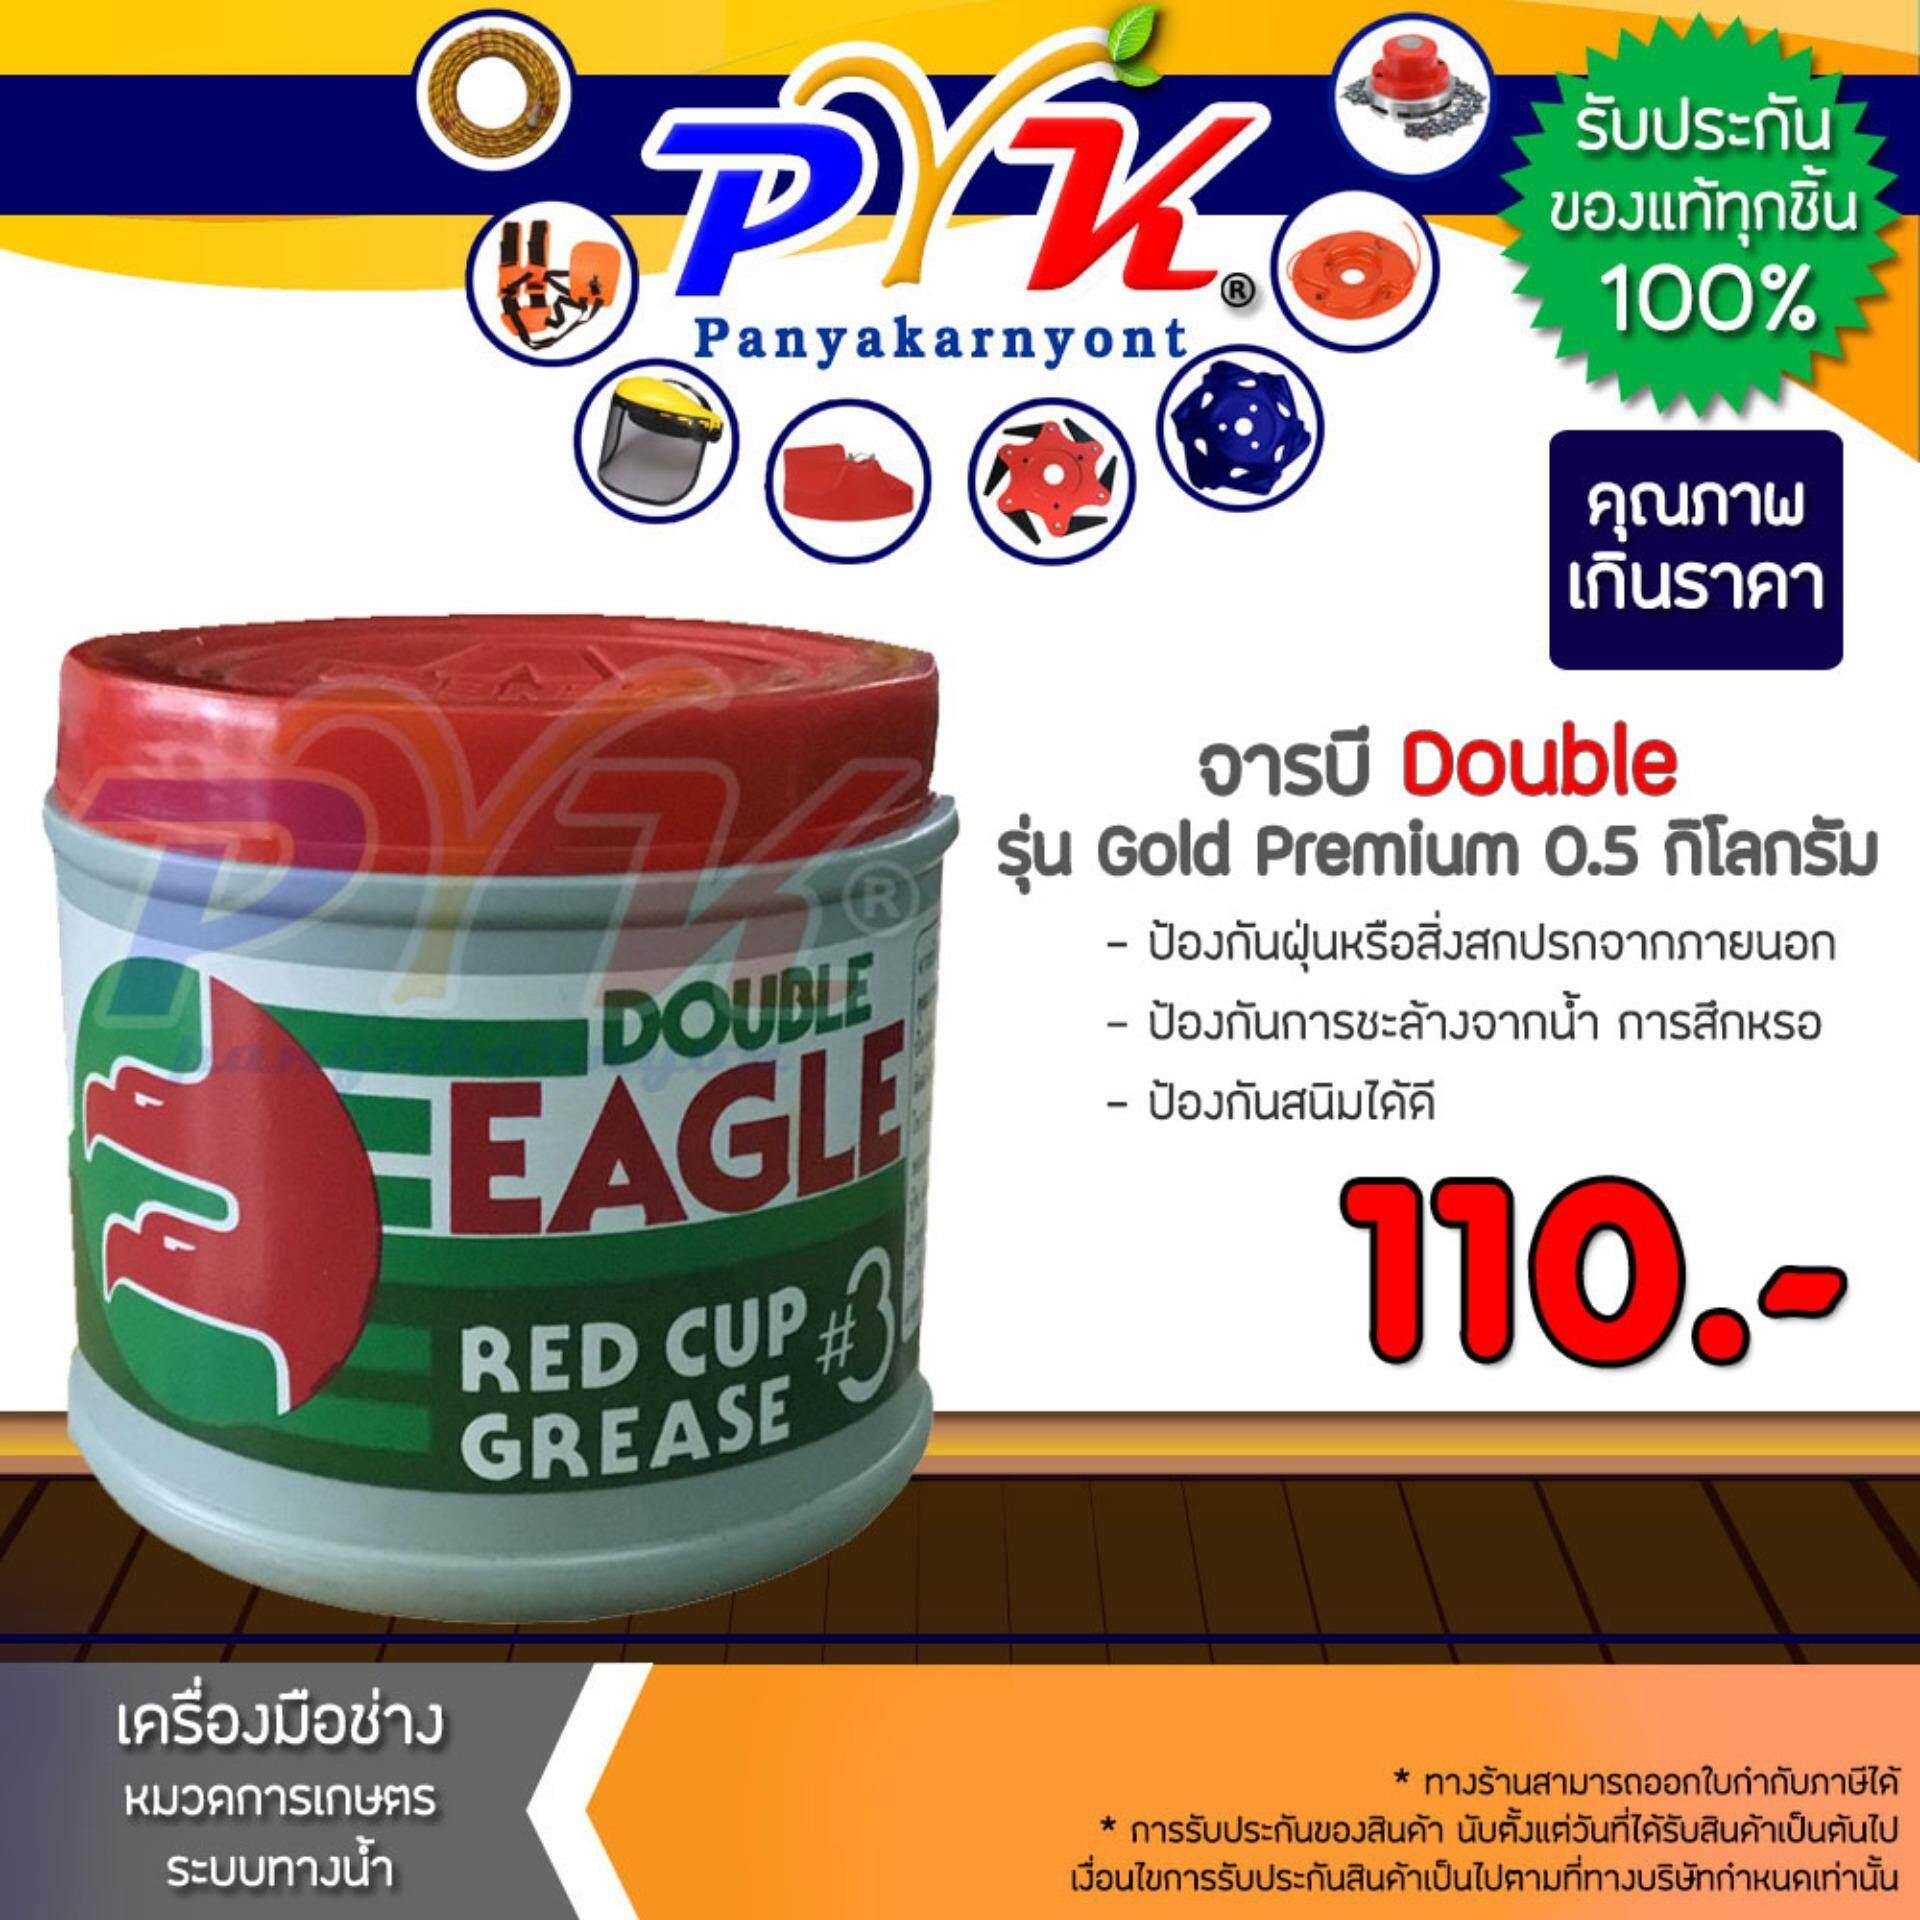 จารบี Double Eagle 0.5 กิโล รุ่นที่นิยมใช้กัน